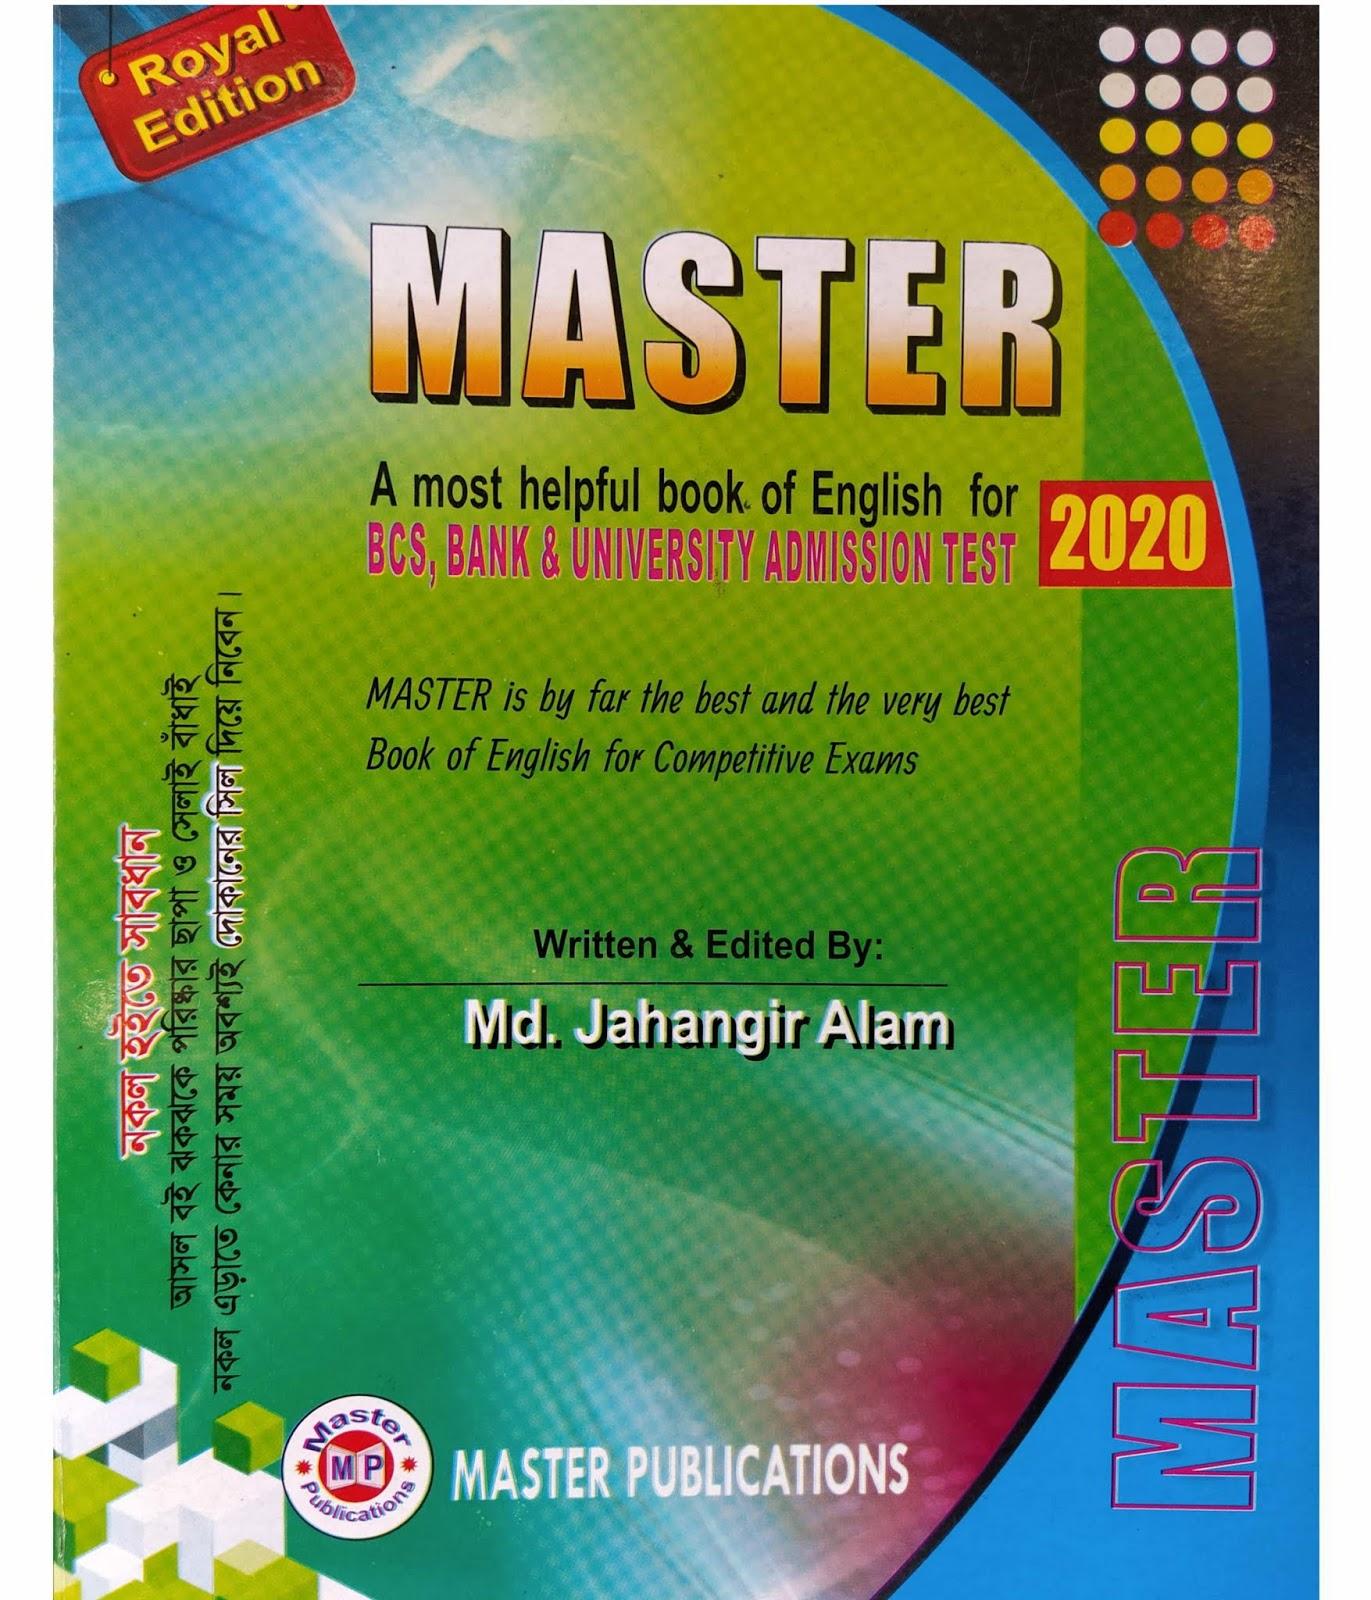 বিসিএস ইংরেজি মাষ্টার বই pdf | English Master Book By Jahangir Alam | PDF ফাইল | মাষ্টার বই pdf